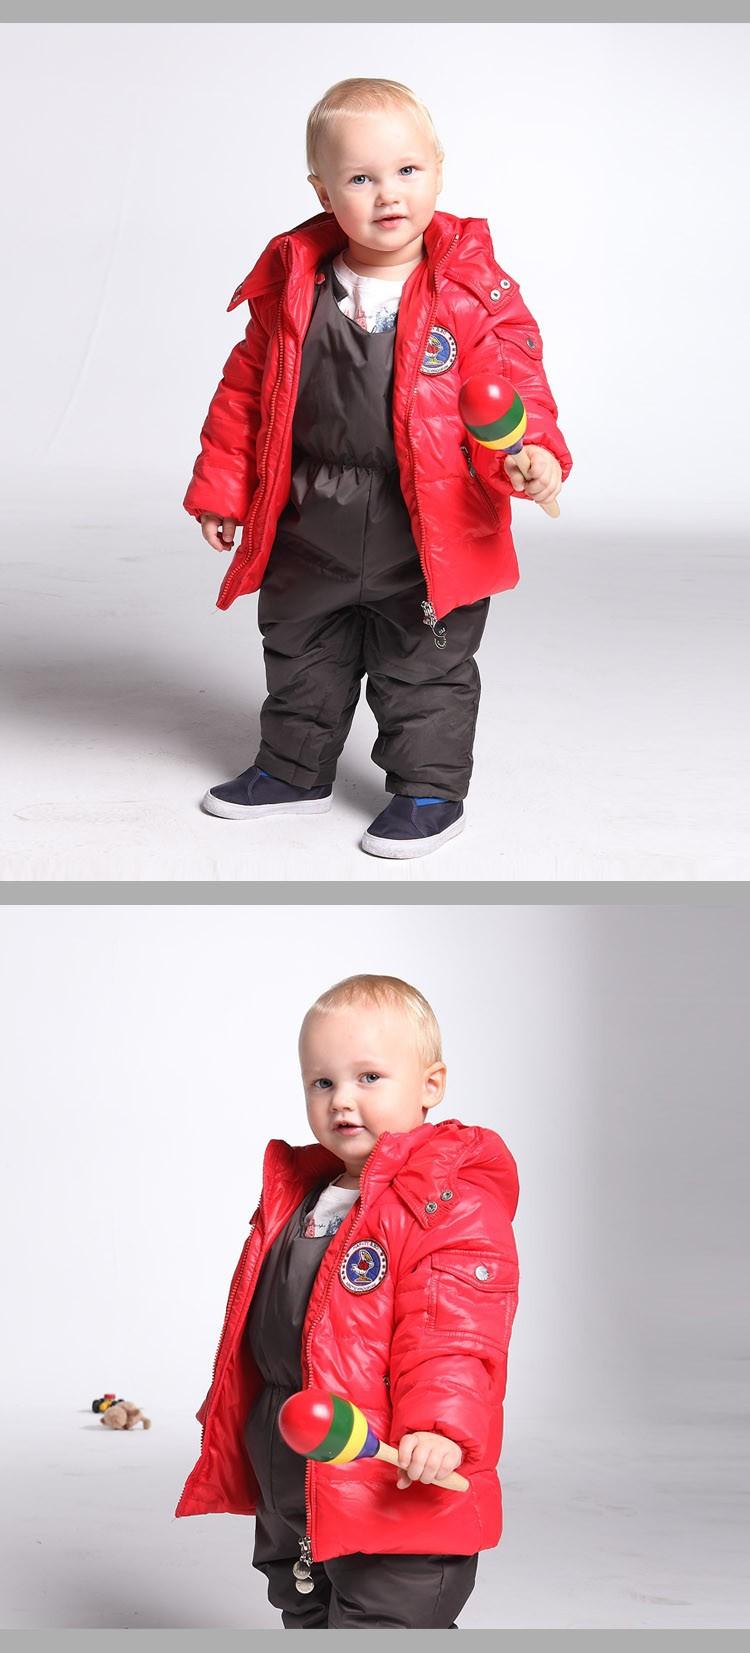 Скидки на Детские/малышей бренд пуховик детей мальчиков и девочек с капюшоном ребенок верхняя одежда зимняя одежда 0-3 лет старый